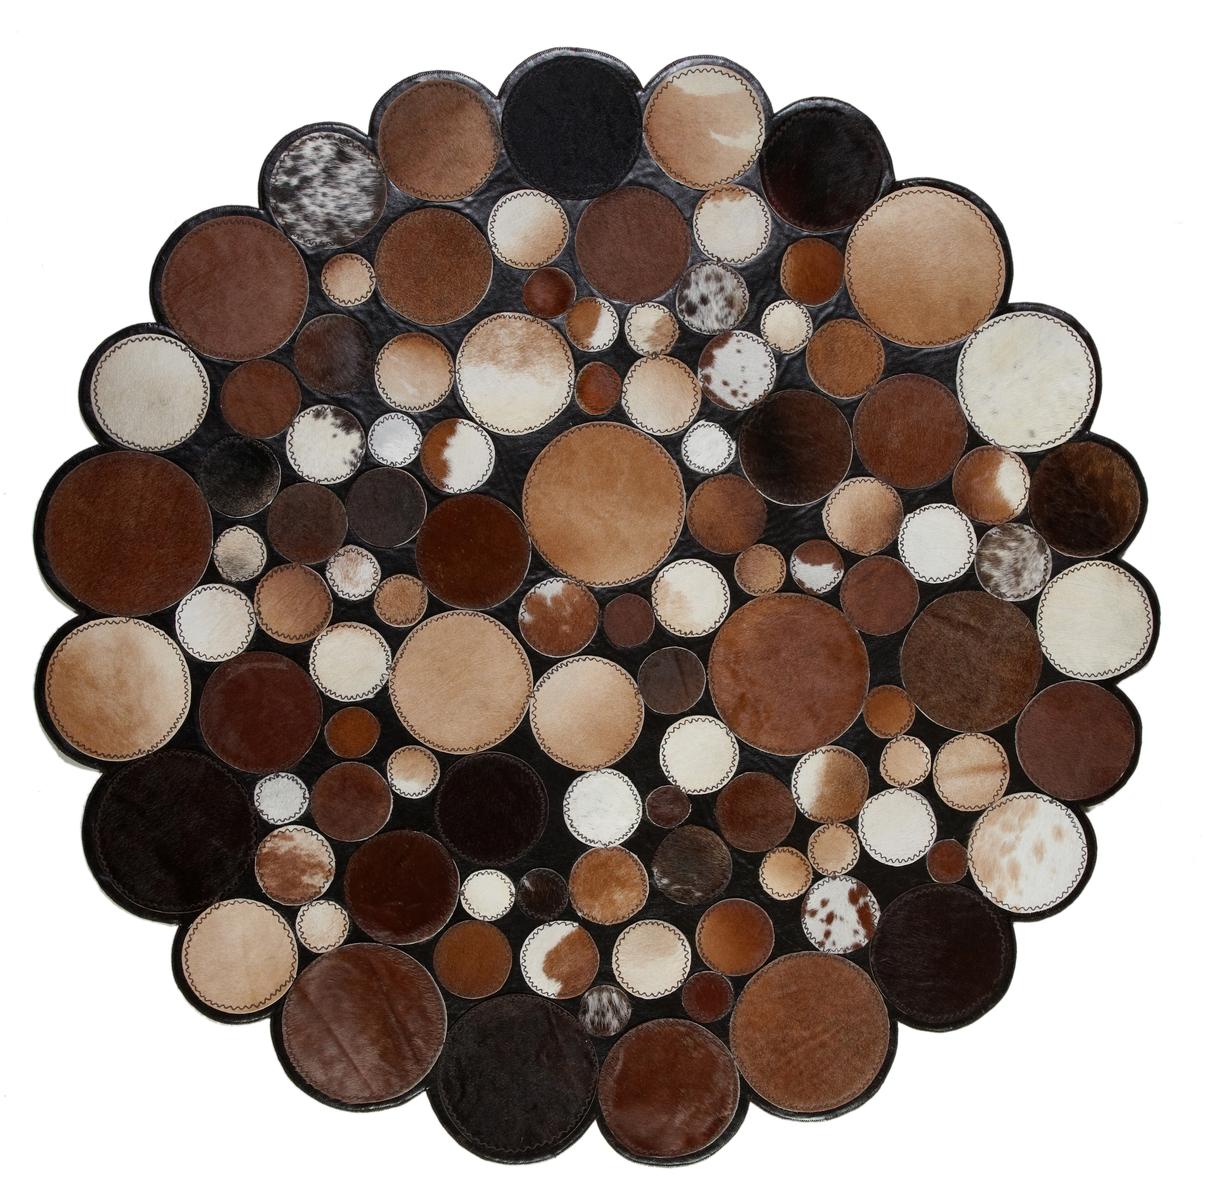 Ručně vyrobený koberec - Bakero - Sao Paolo Kruhy Tas 4 Brown